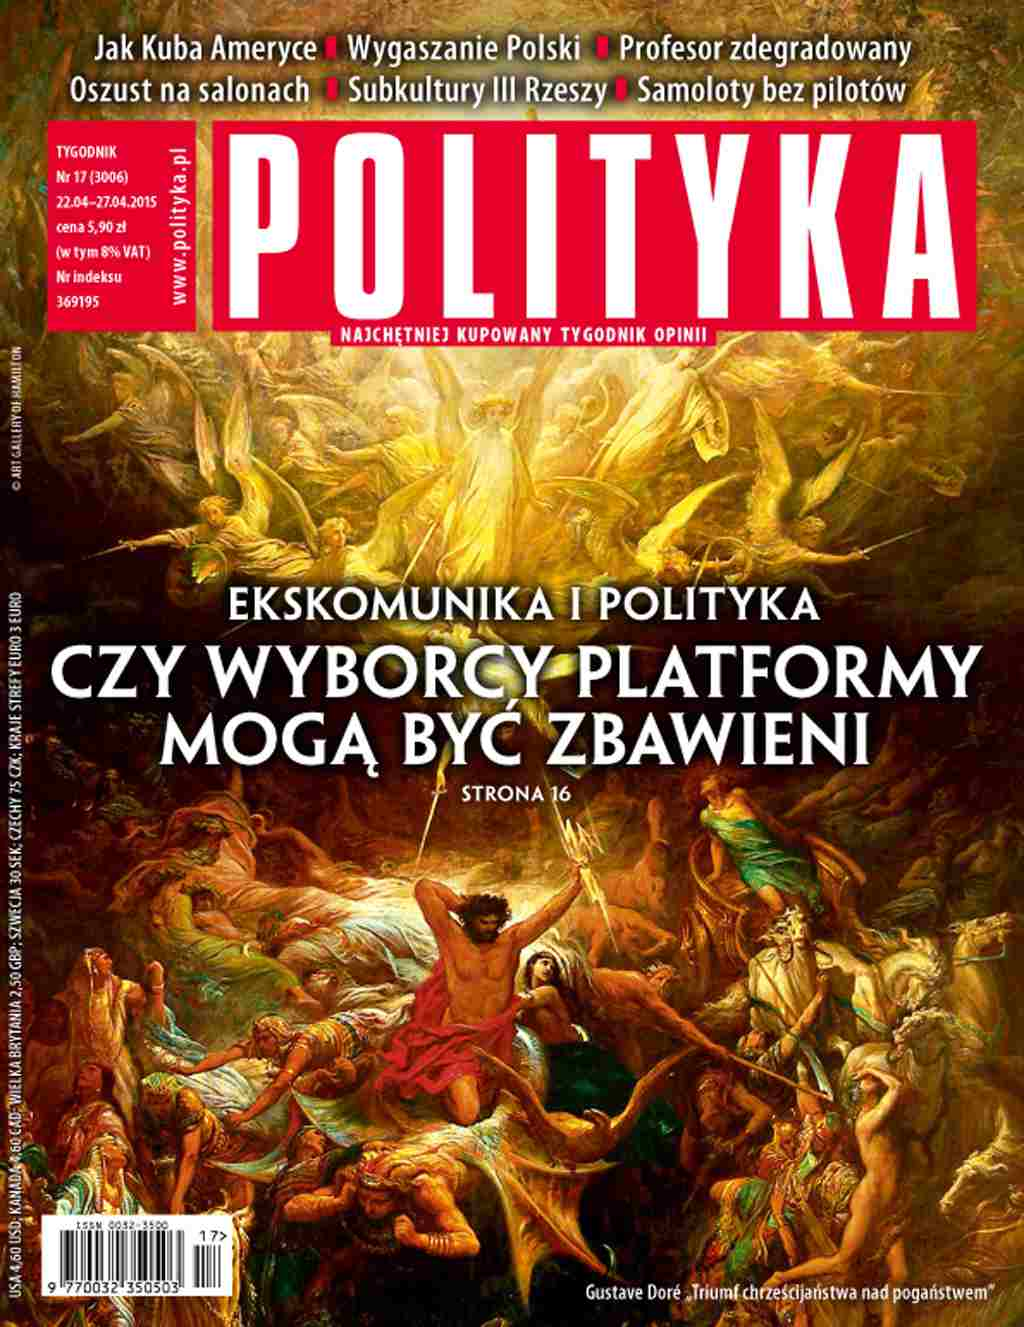 Polityka nr 17/2015 - Ebook (Książka PDF) do pobrania w formacie PDF